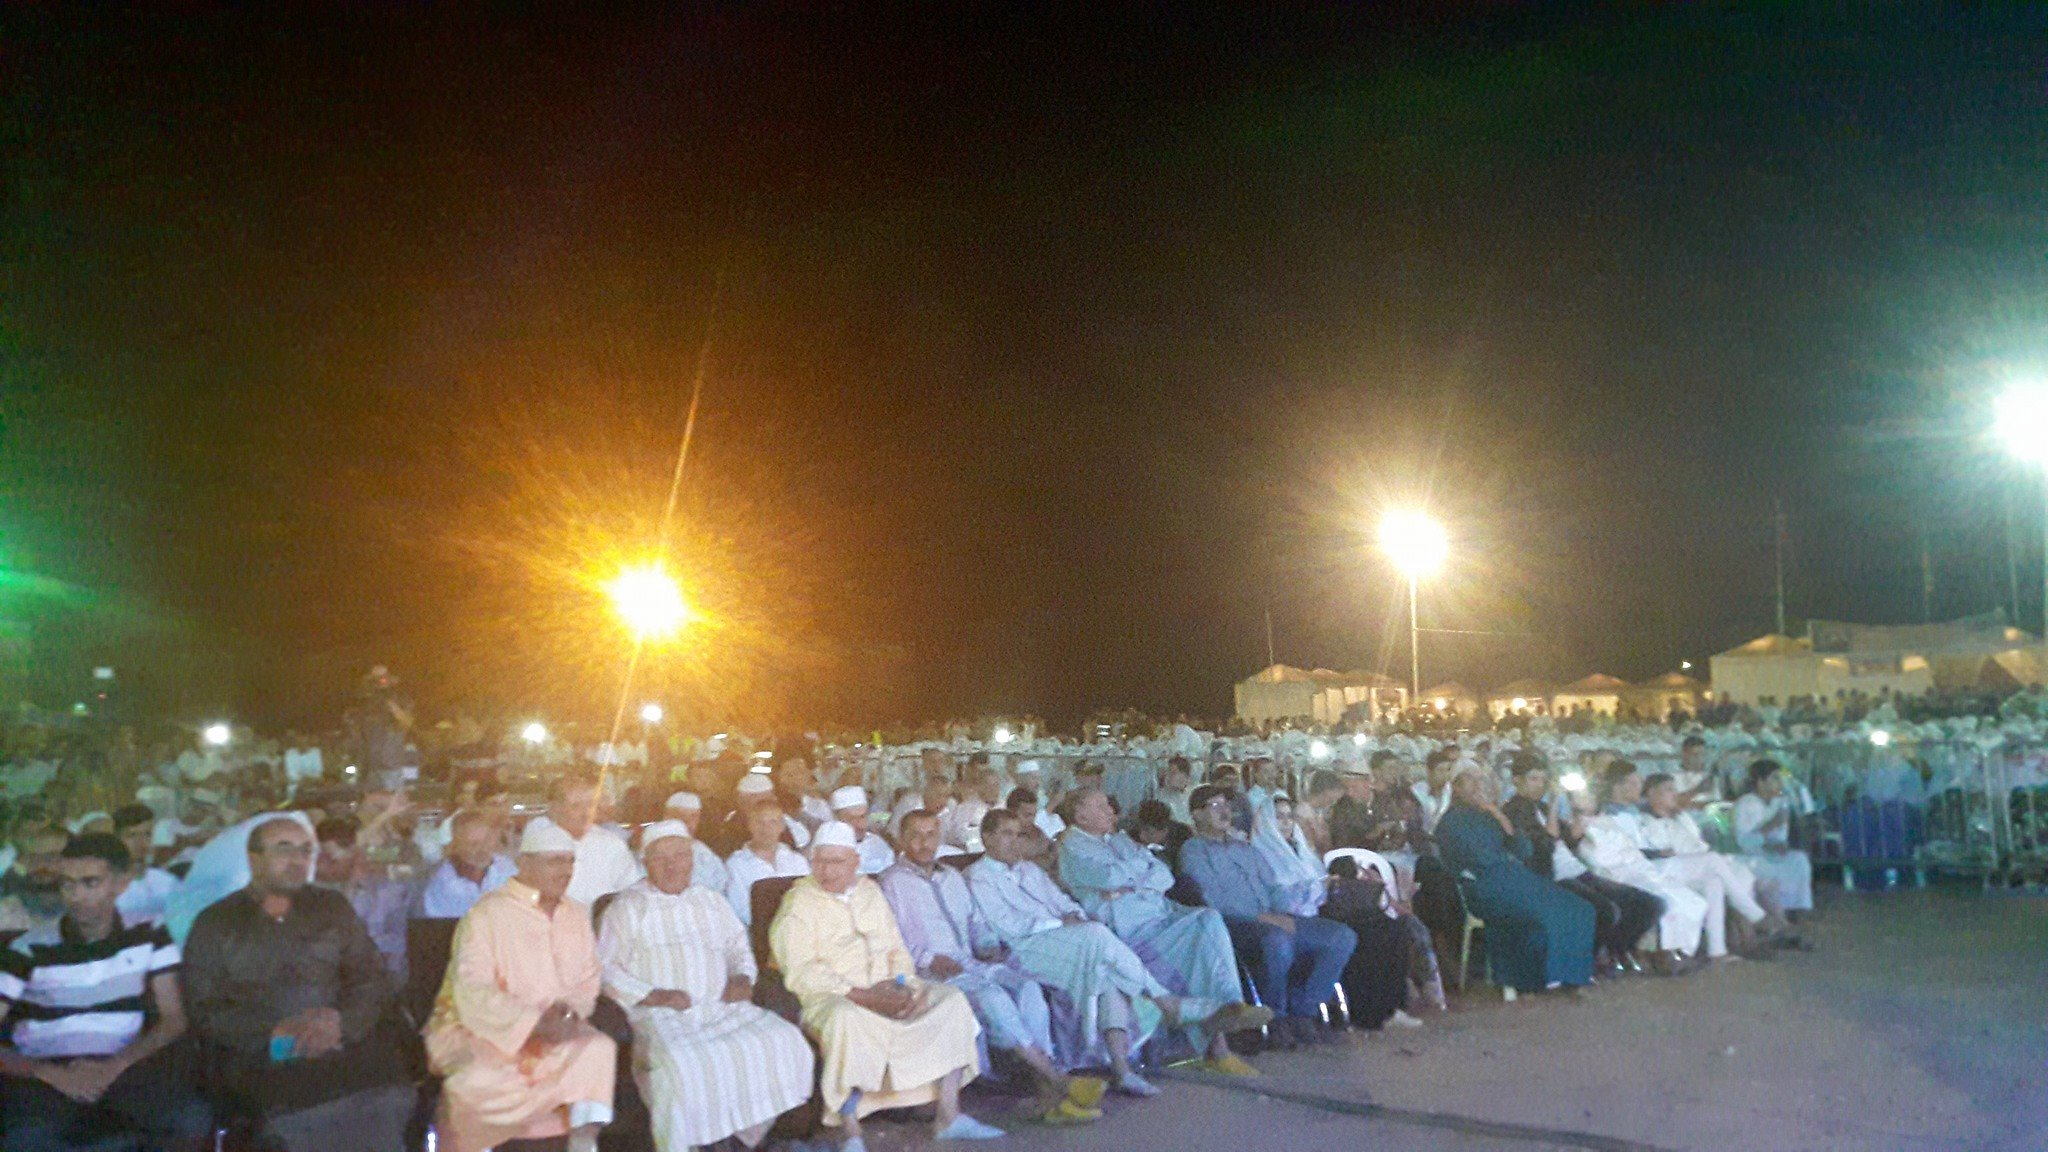 مهرجان تركانين يختتم نسخته الأولى بحضور فاق 10 آلاف زائر